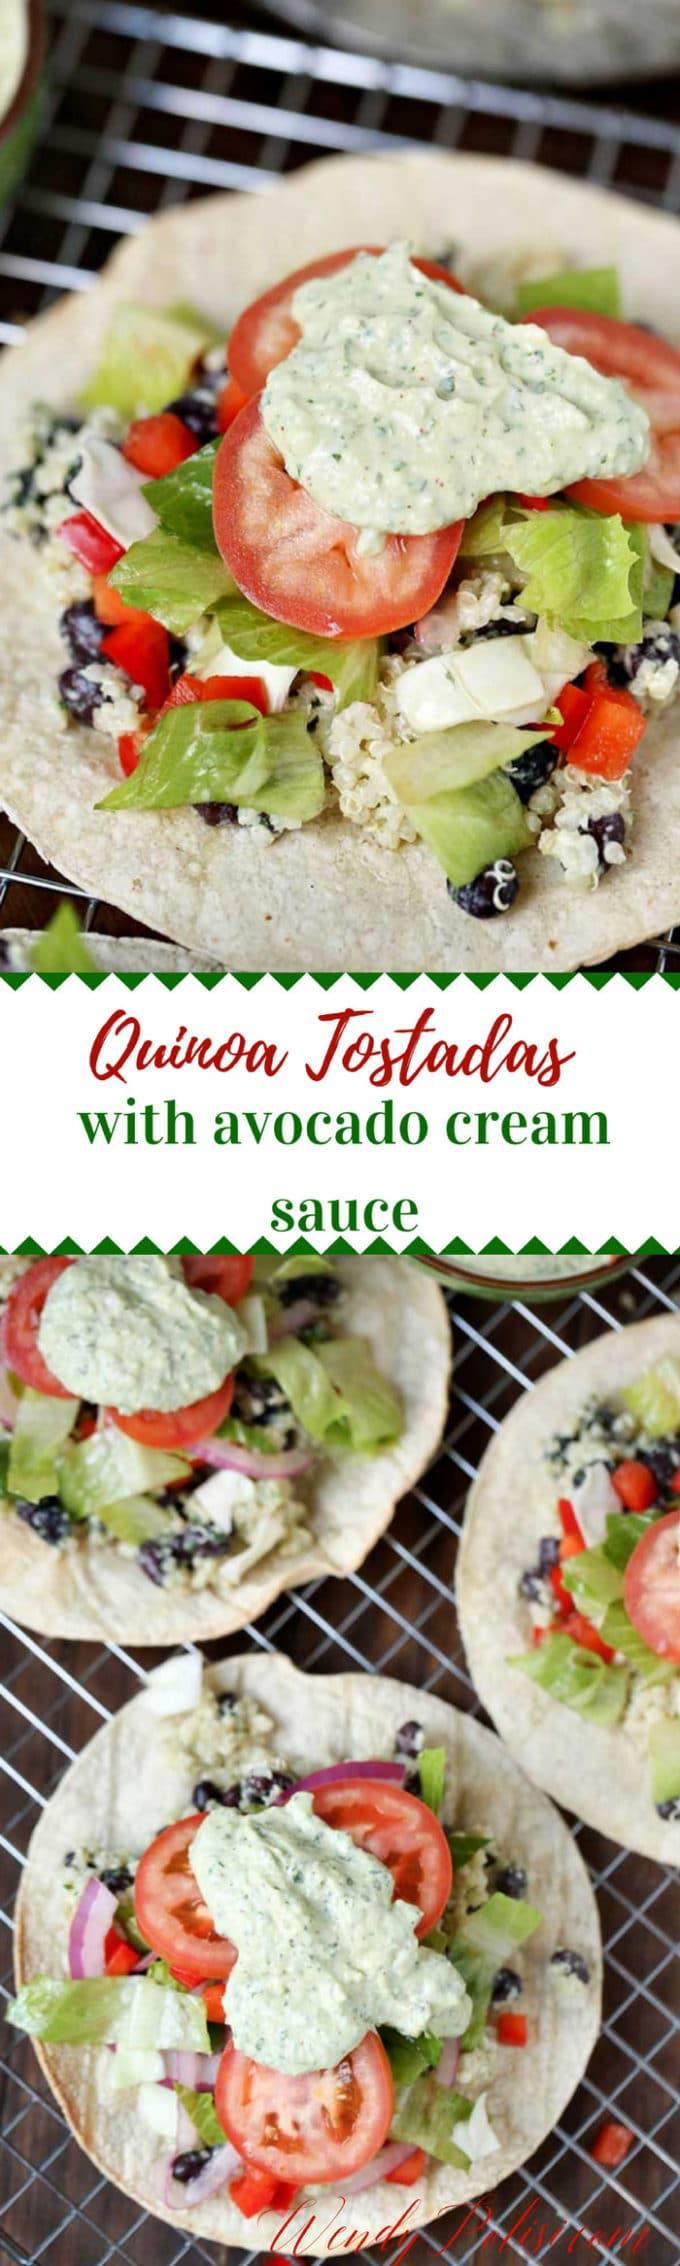 Quinoa Tostadas with Avocado Cream Sauce